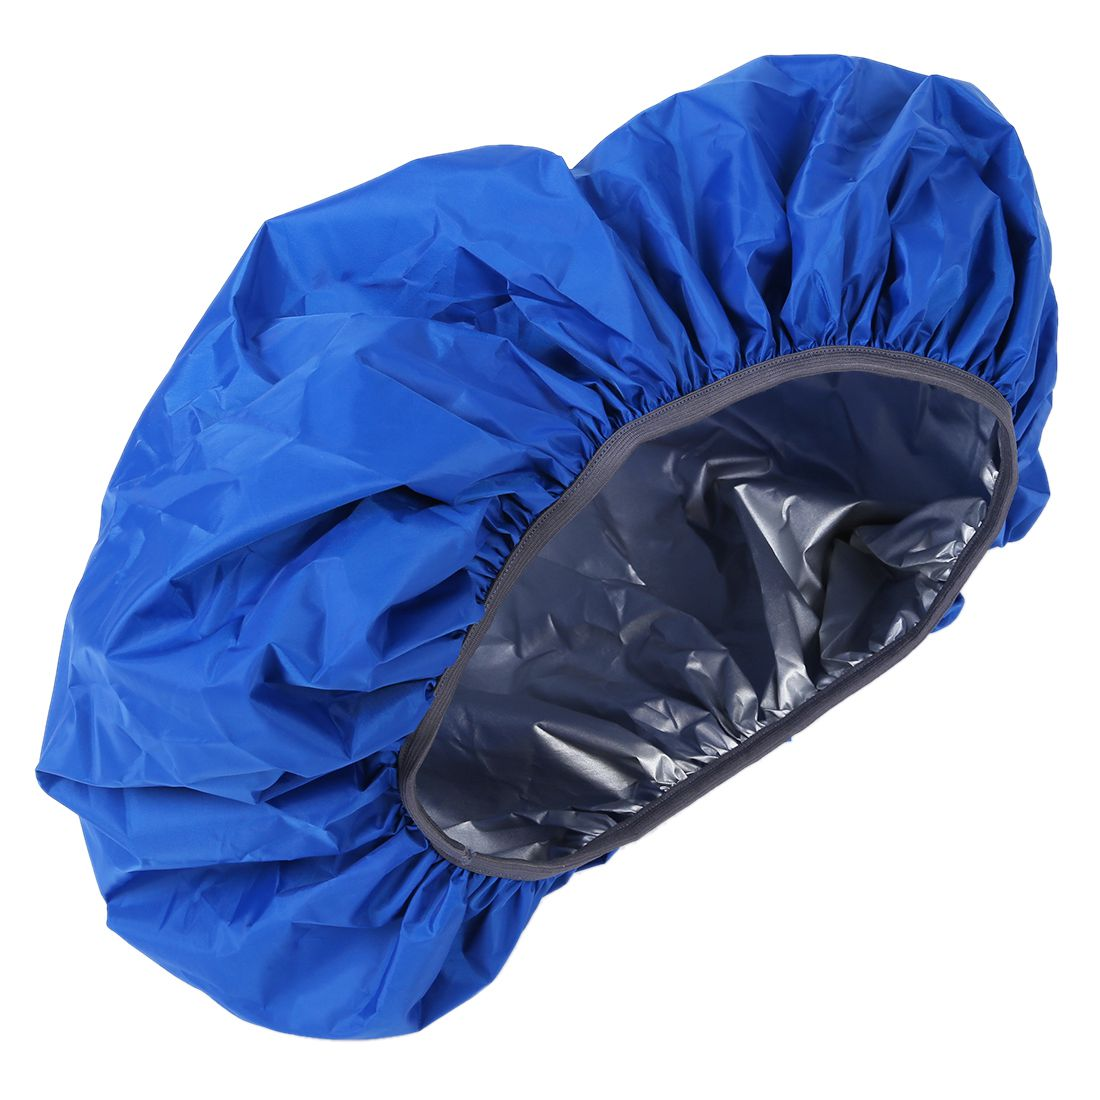 Новый Водонепроницаемый дорожный аксессуар рюкзак пыль дождевик 35L, серебро